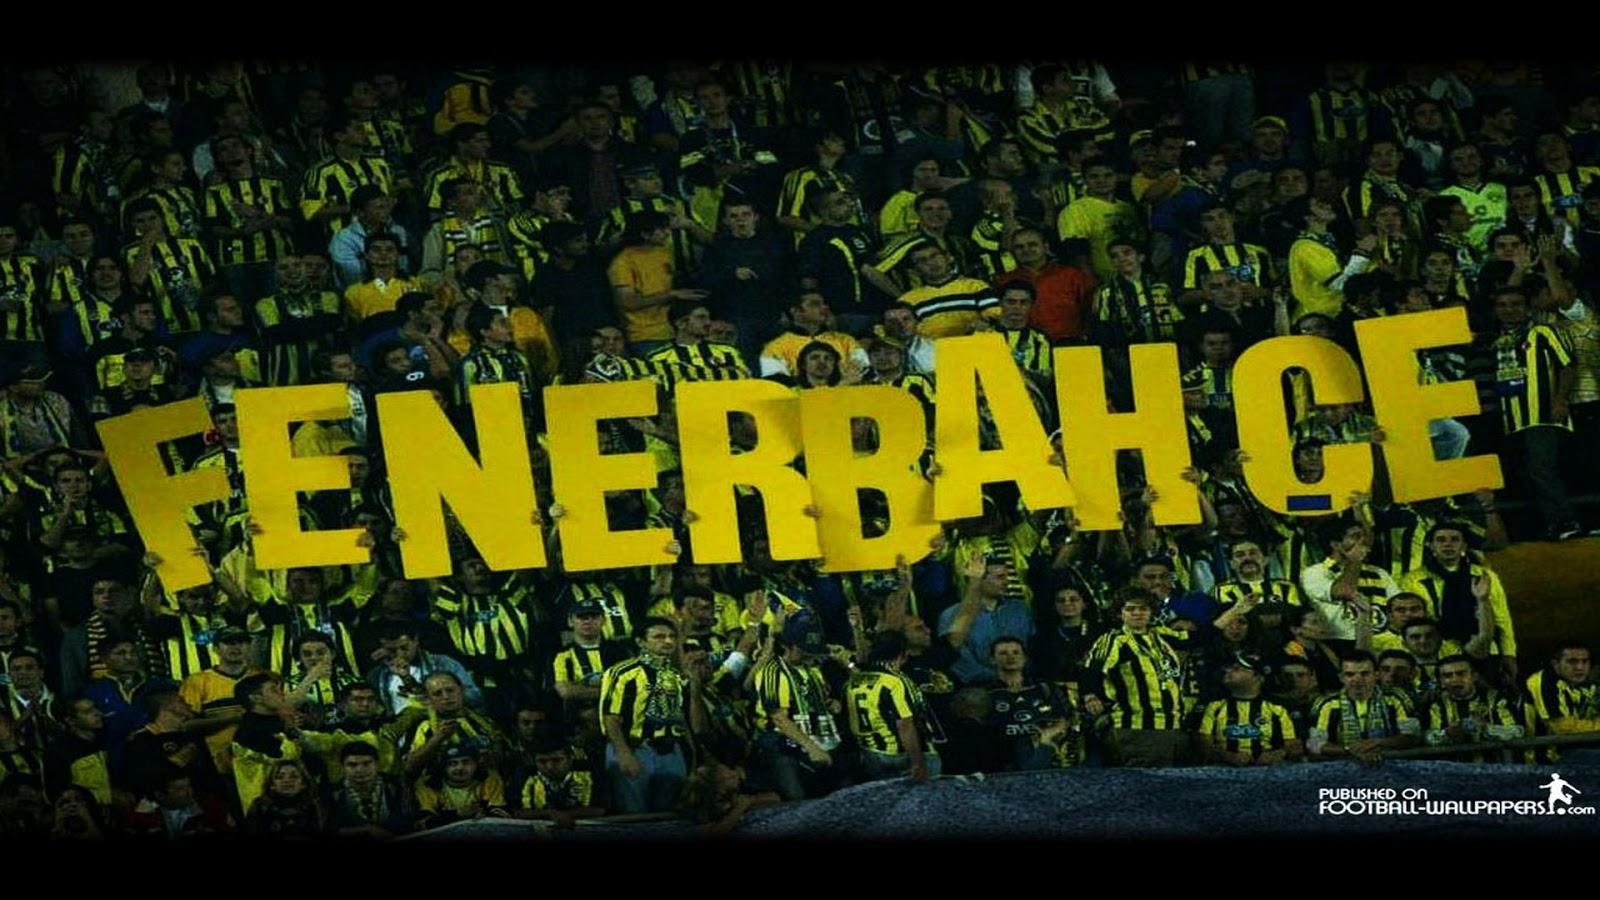 fenerbahce+resim+rooteto+18 Fenerbahçe HD Resimleri